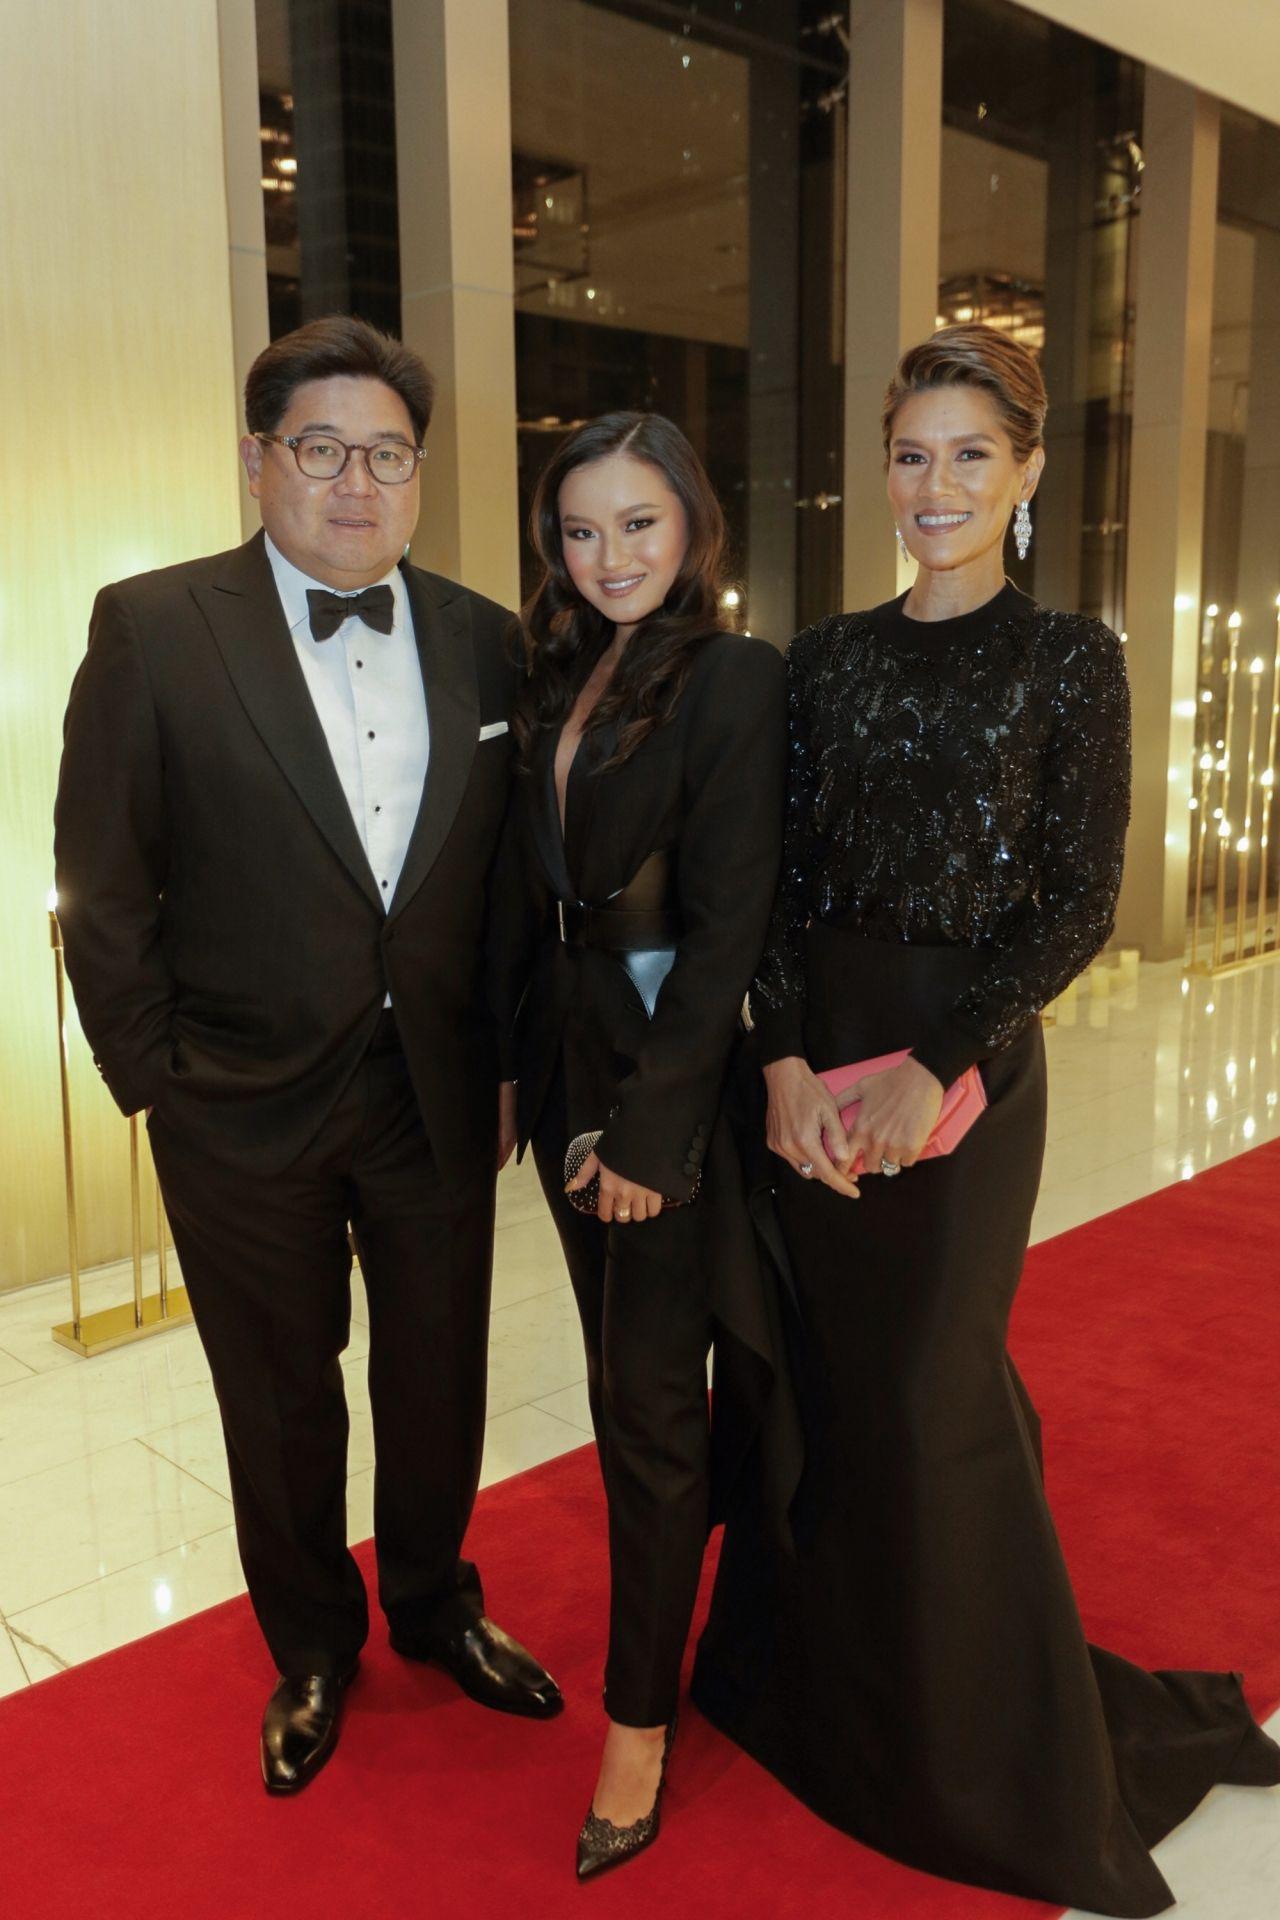 Anton, Nikki and Nina Huang